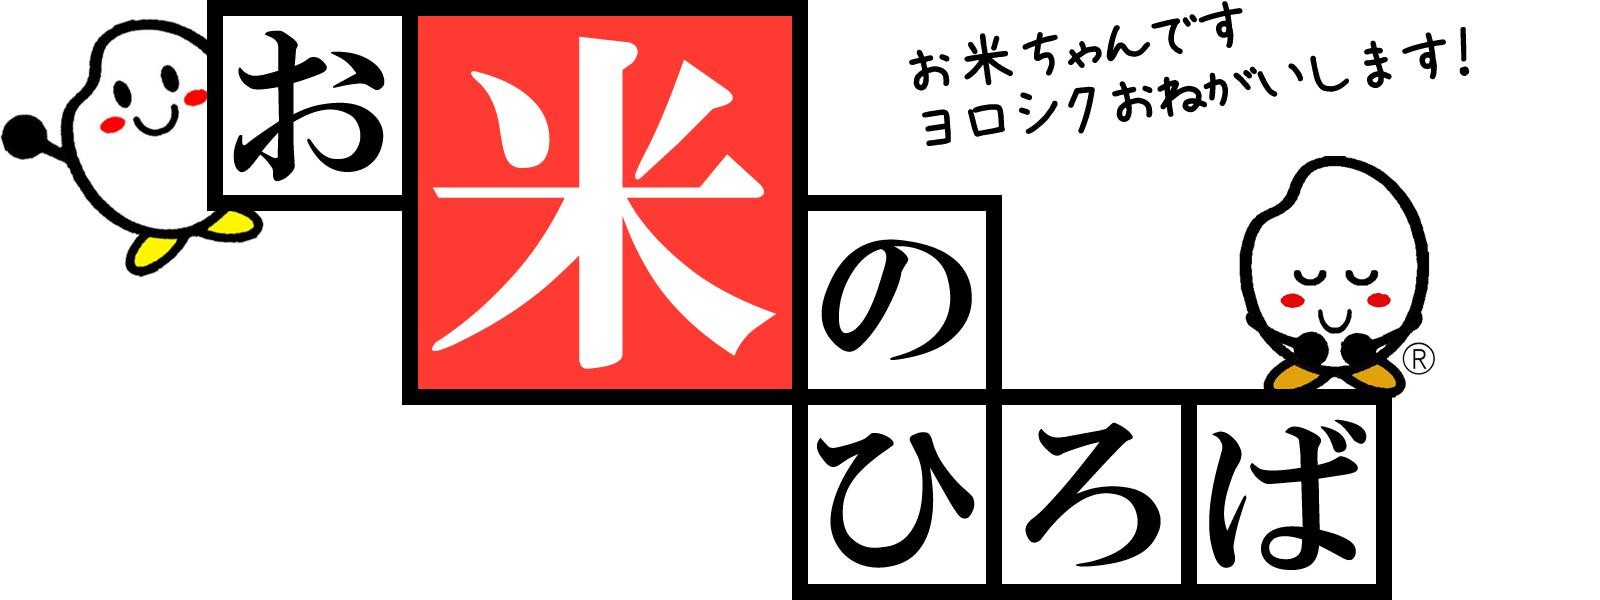 お米のひろば 魚沼産 新潟産 コシヒカリ 専門店